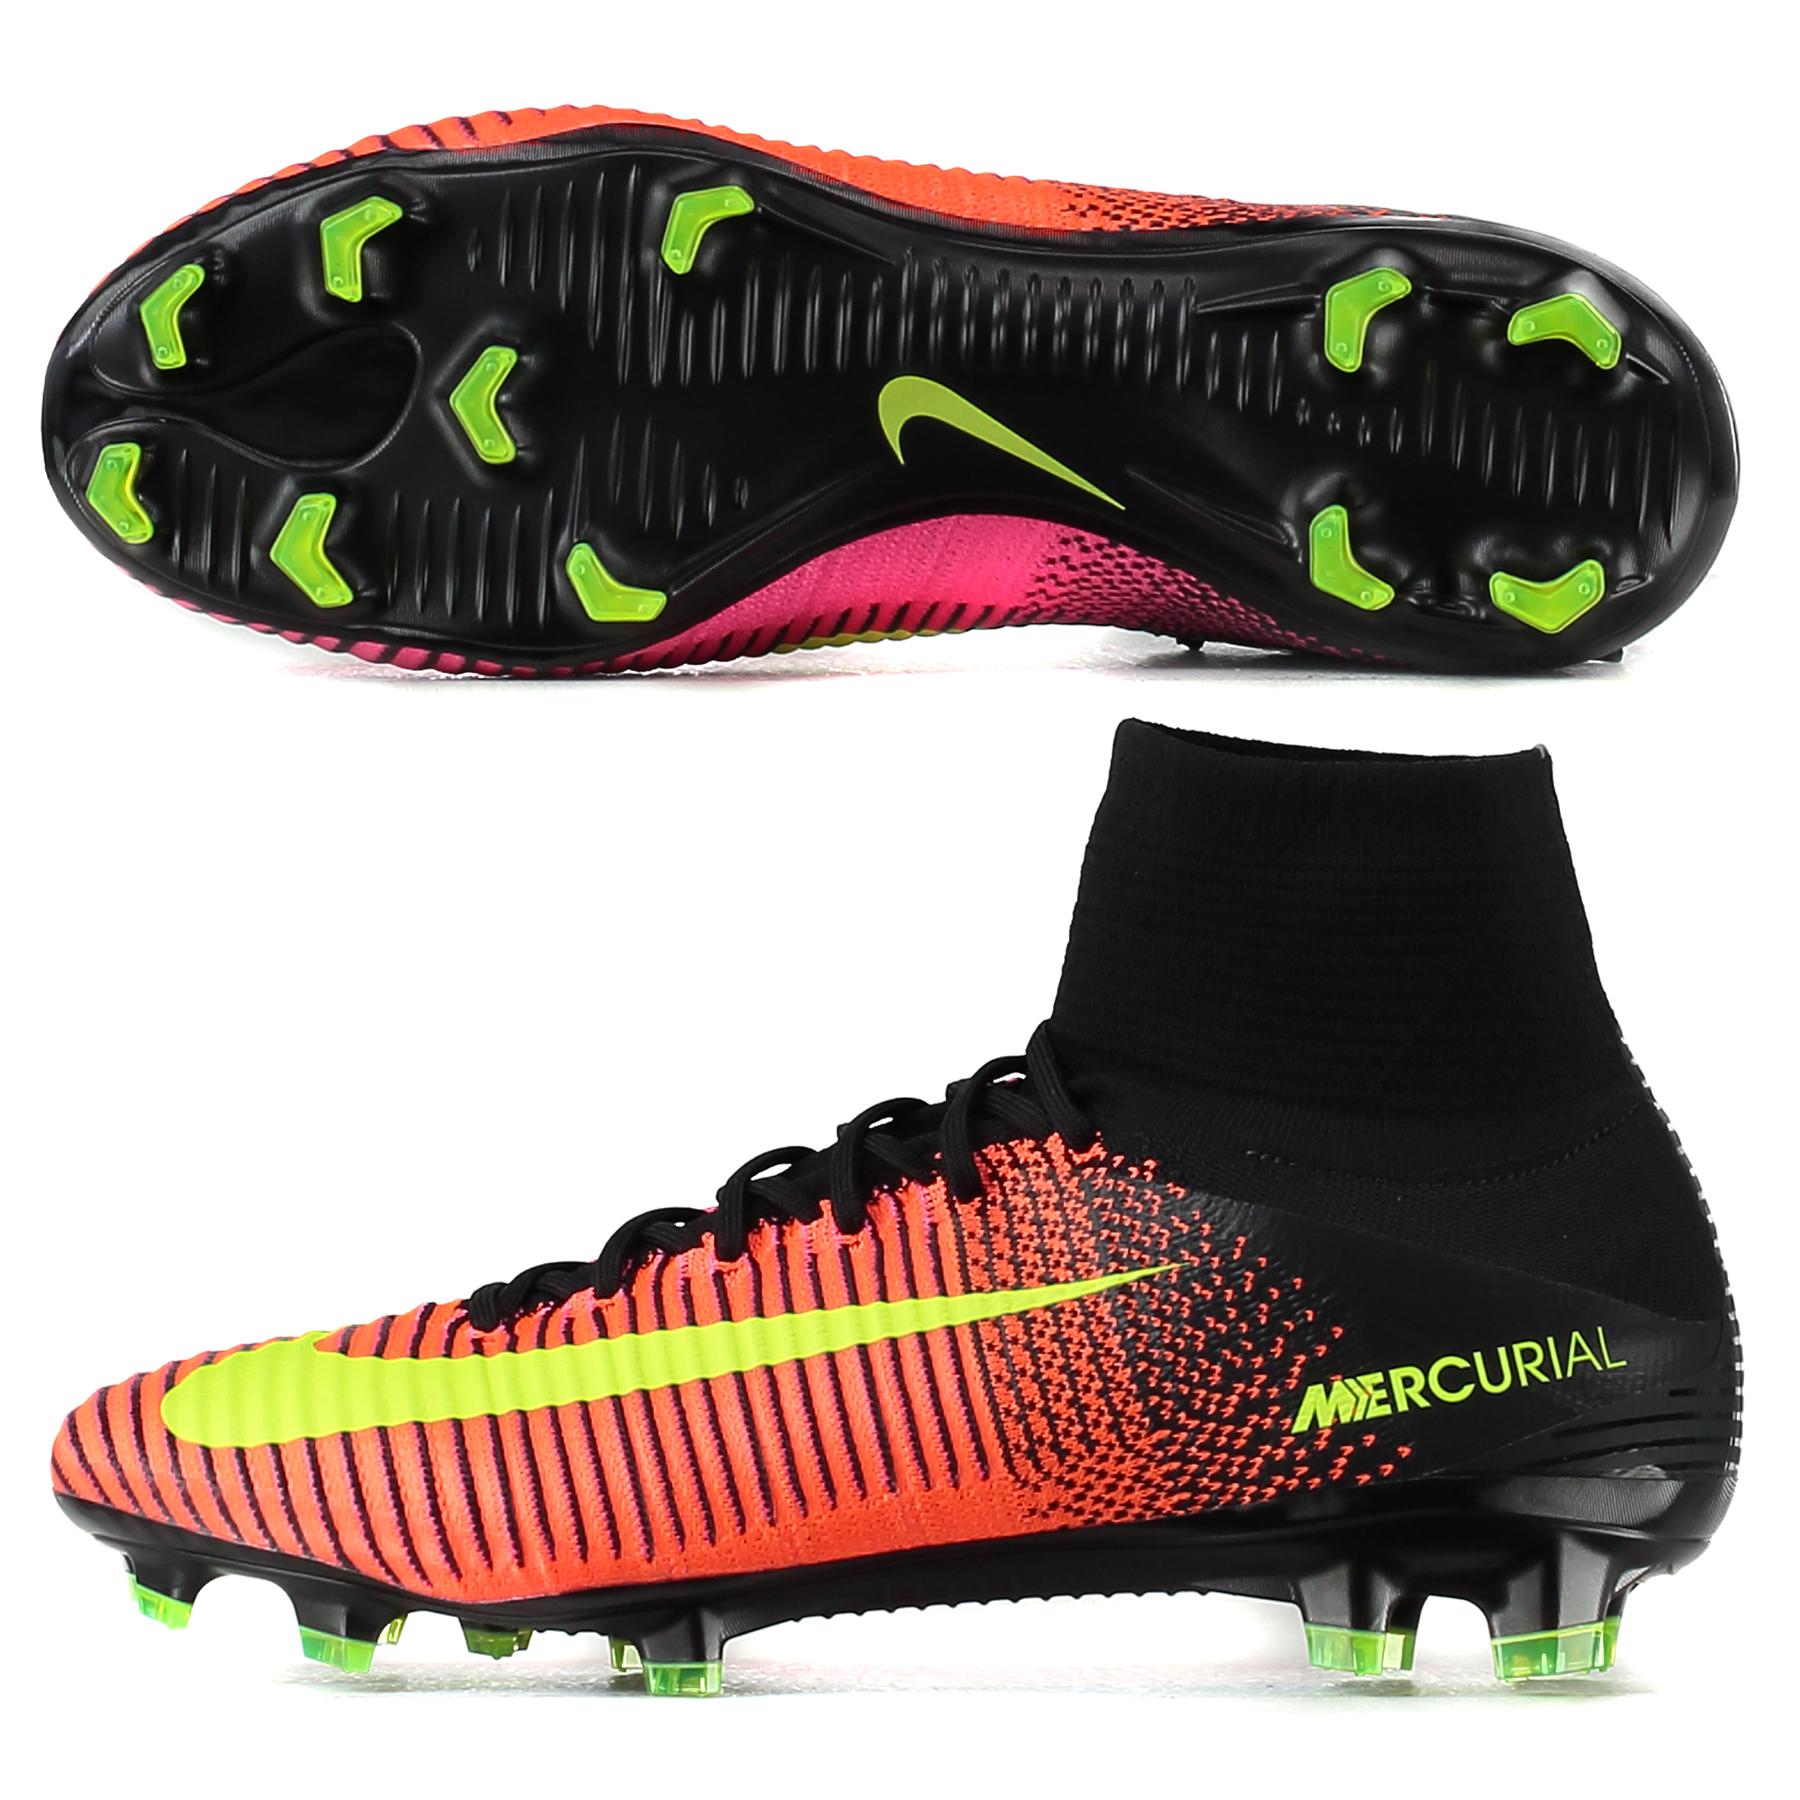 Nike Mercurial Superfly V FG Total Crimson/V